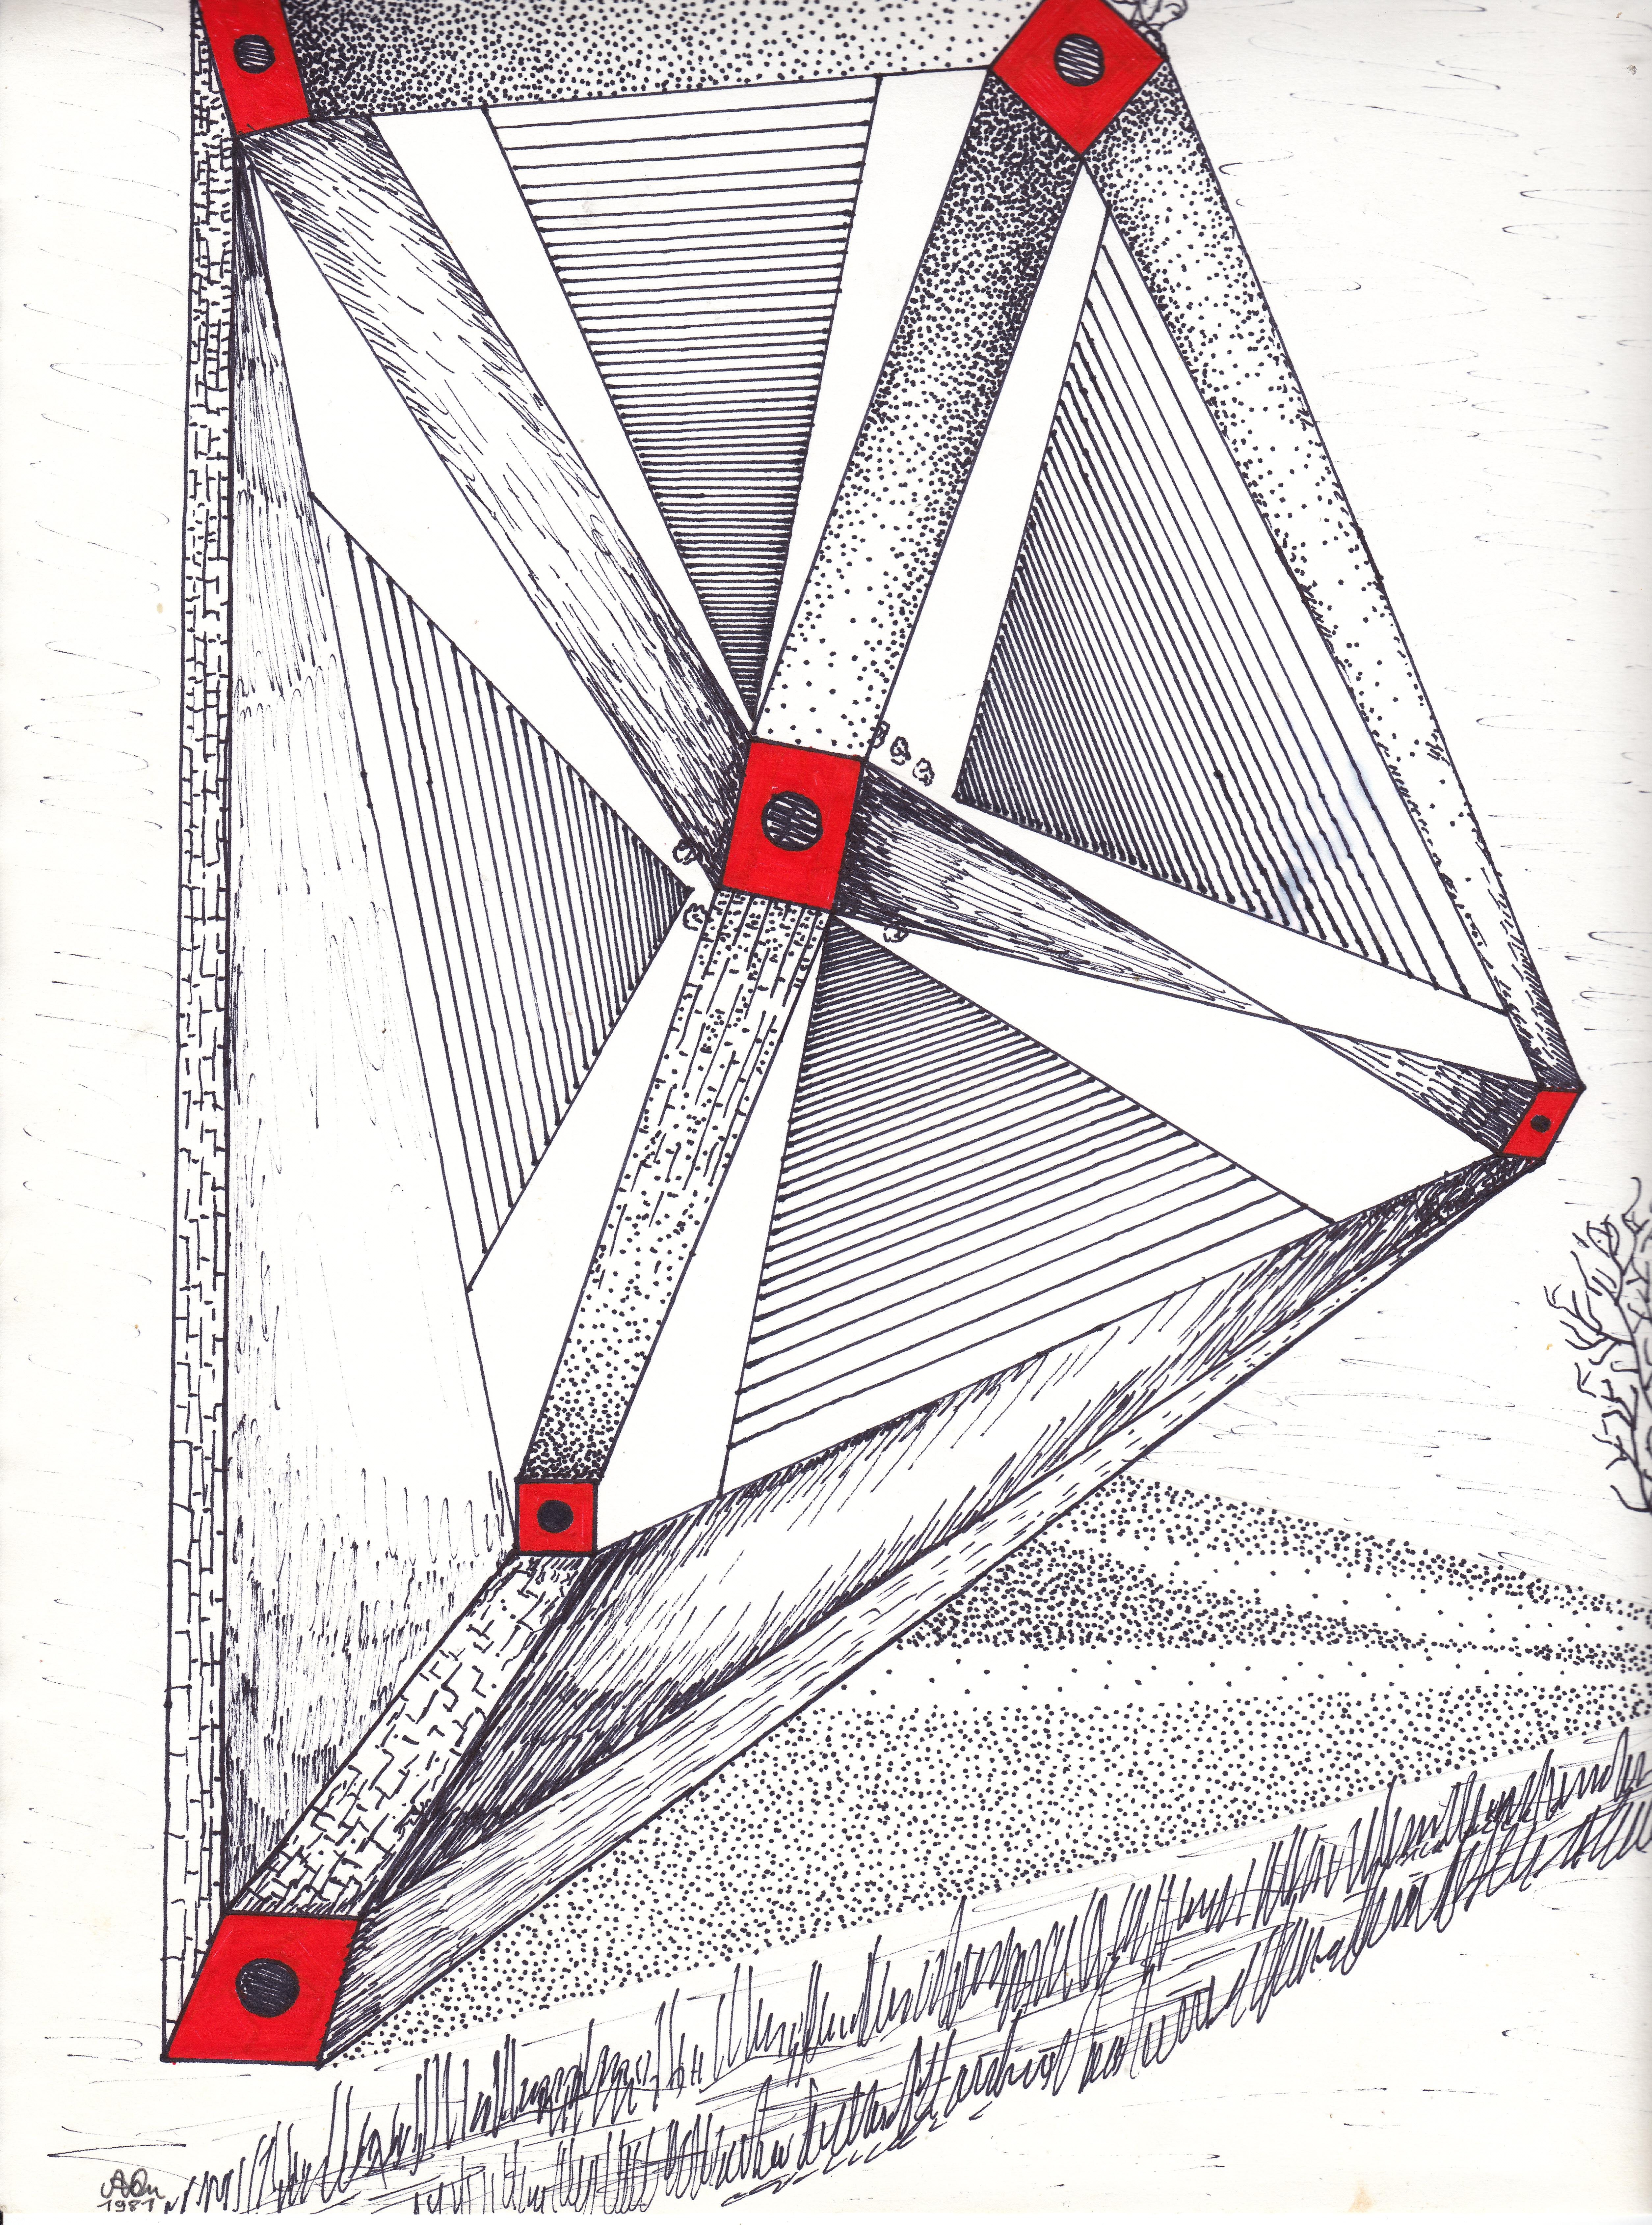 Gartenanlage_mit_optischer_Täuschung;_Tusche,_Filzstift;_1981;_imachd.